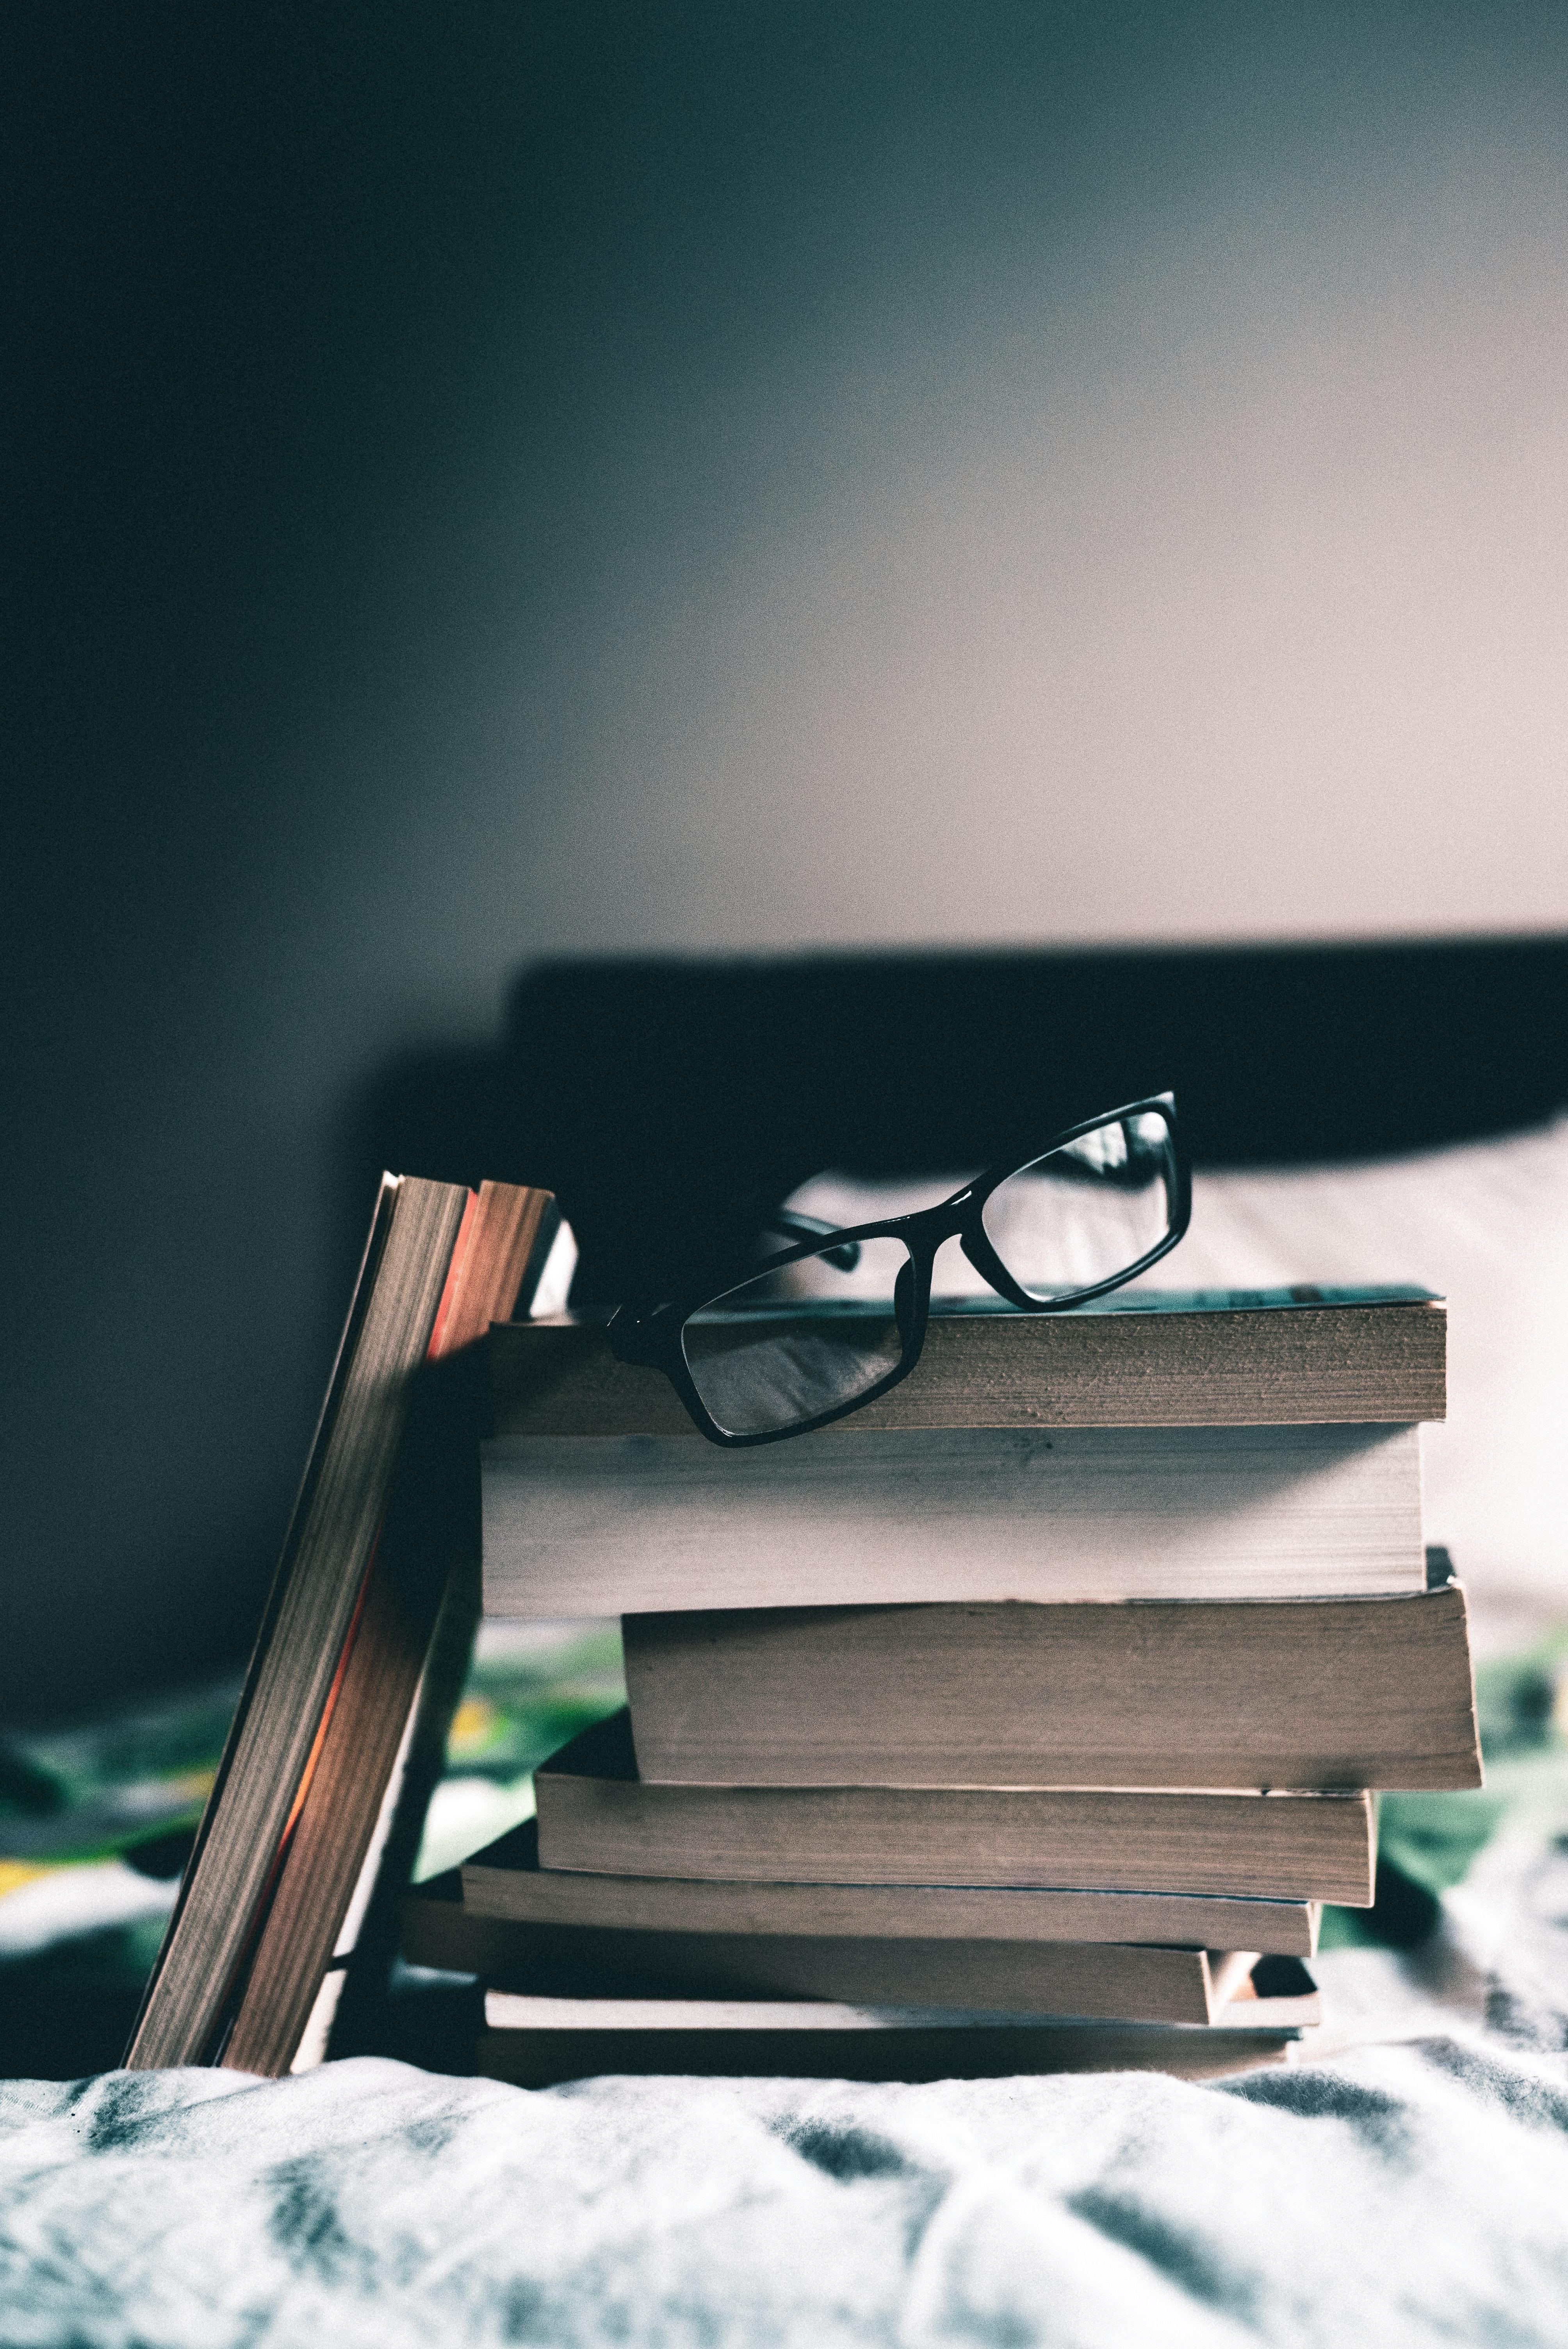 110221 Заставки и Обои Книги на телефон. Скачать Книги, Разное, Очки, Чтение, Стопка картинки бесплатно